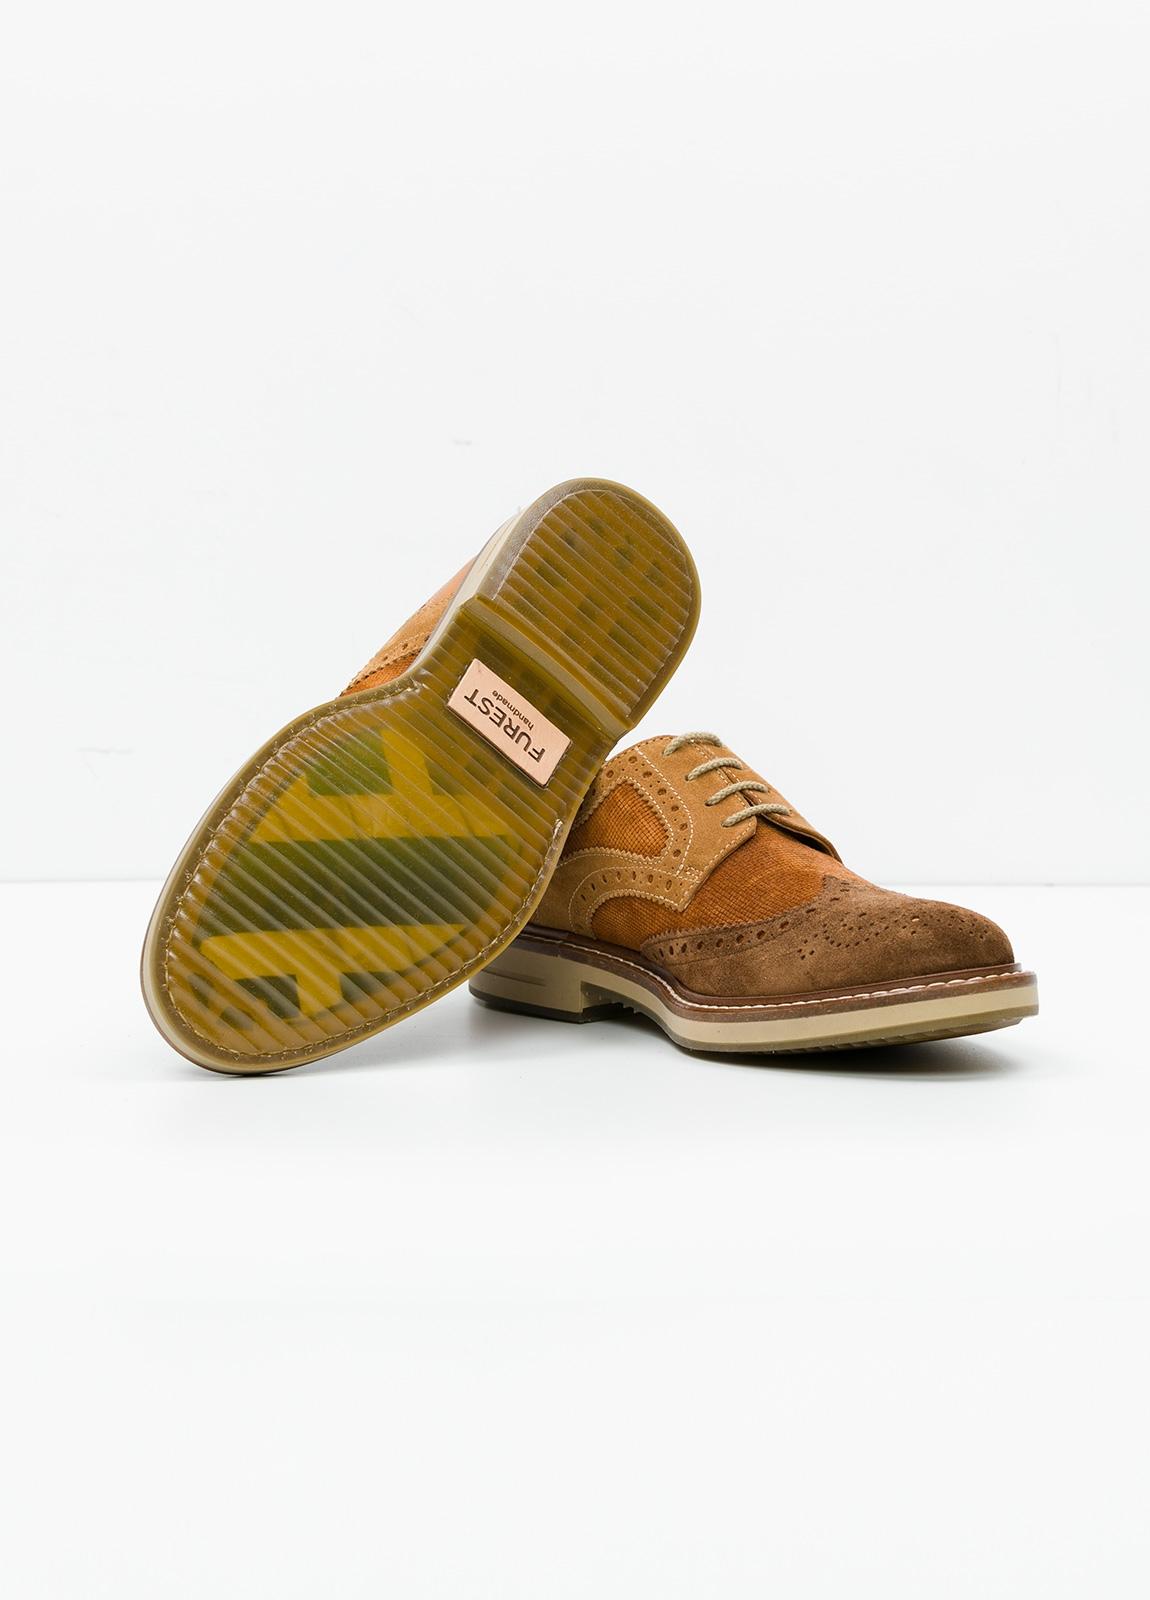 Zapato Sport Wear color marrón. Combinación de serraje y piel con troquelado. - Ítem1